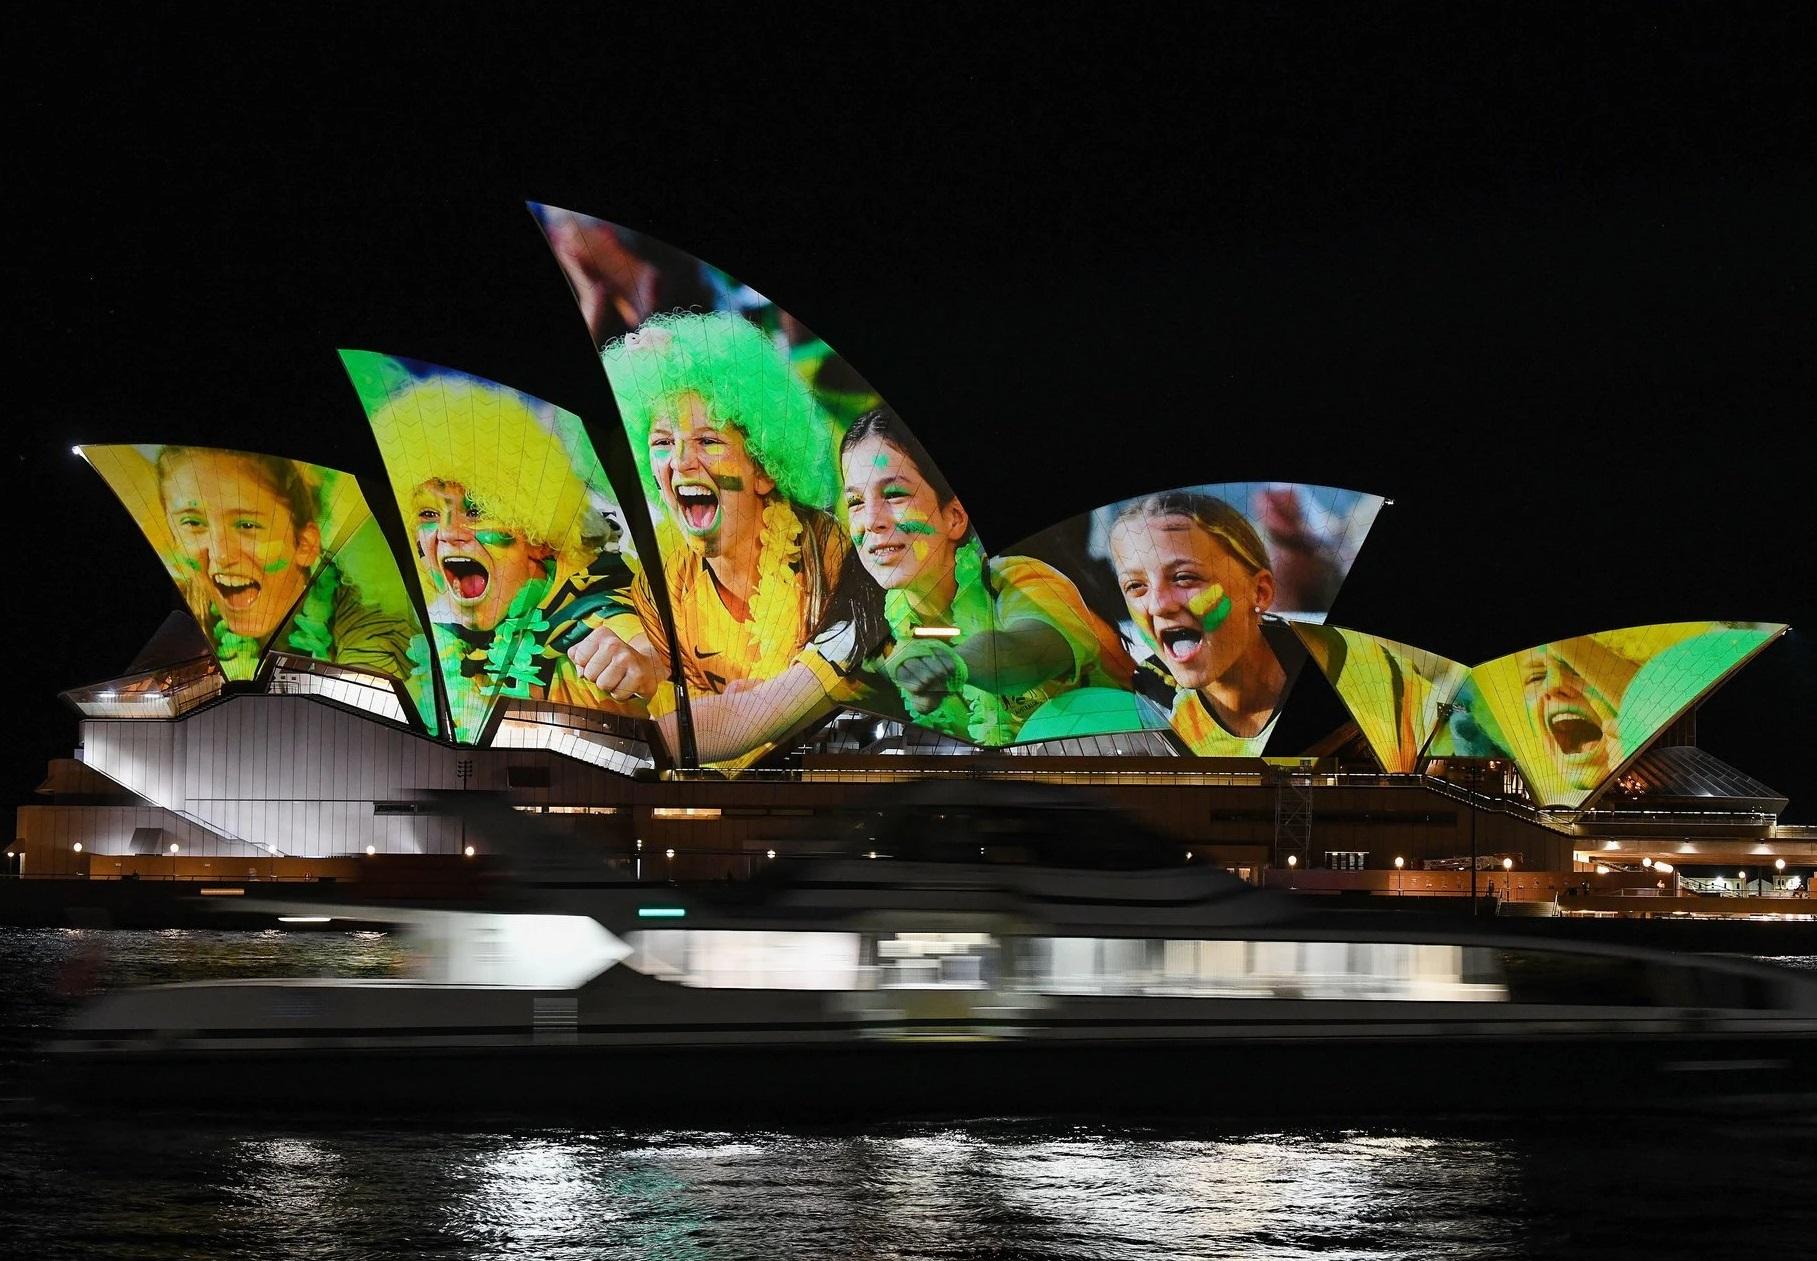 Le mythique Opéra de Sydney s'était mis aux couleurs pour soutenir la candidature (photo DR)